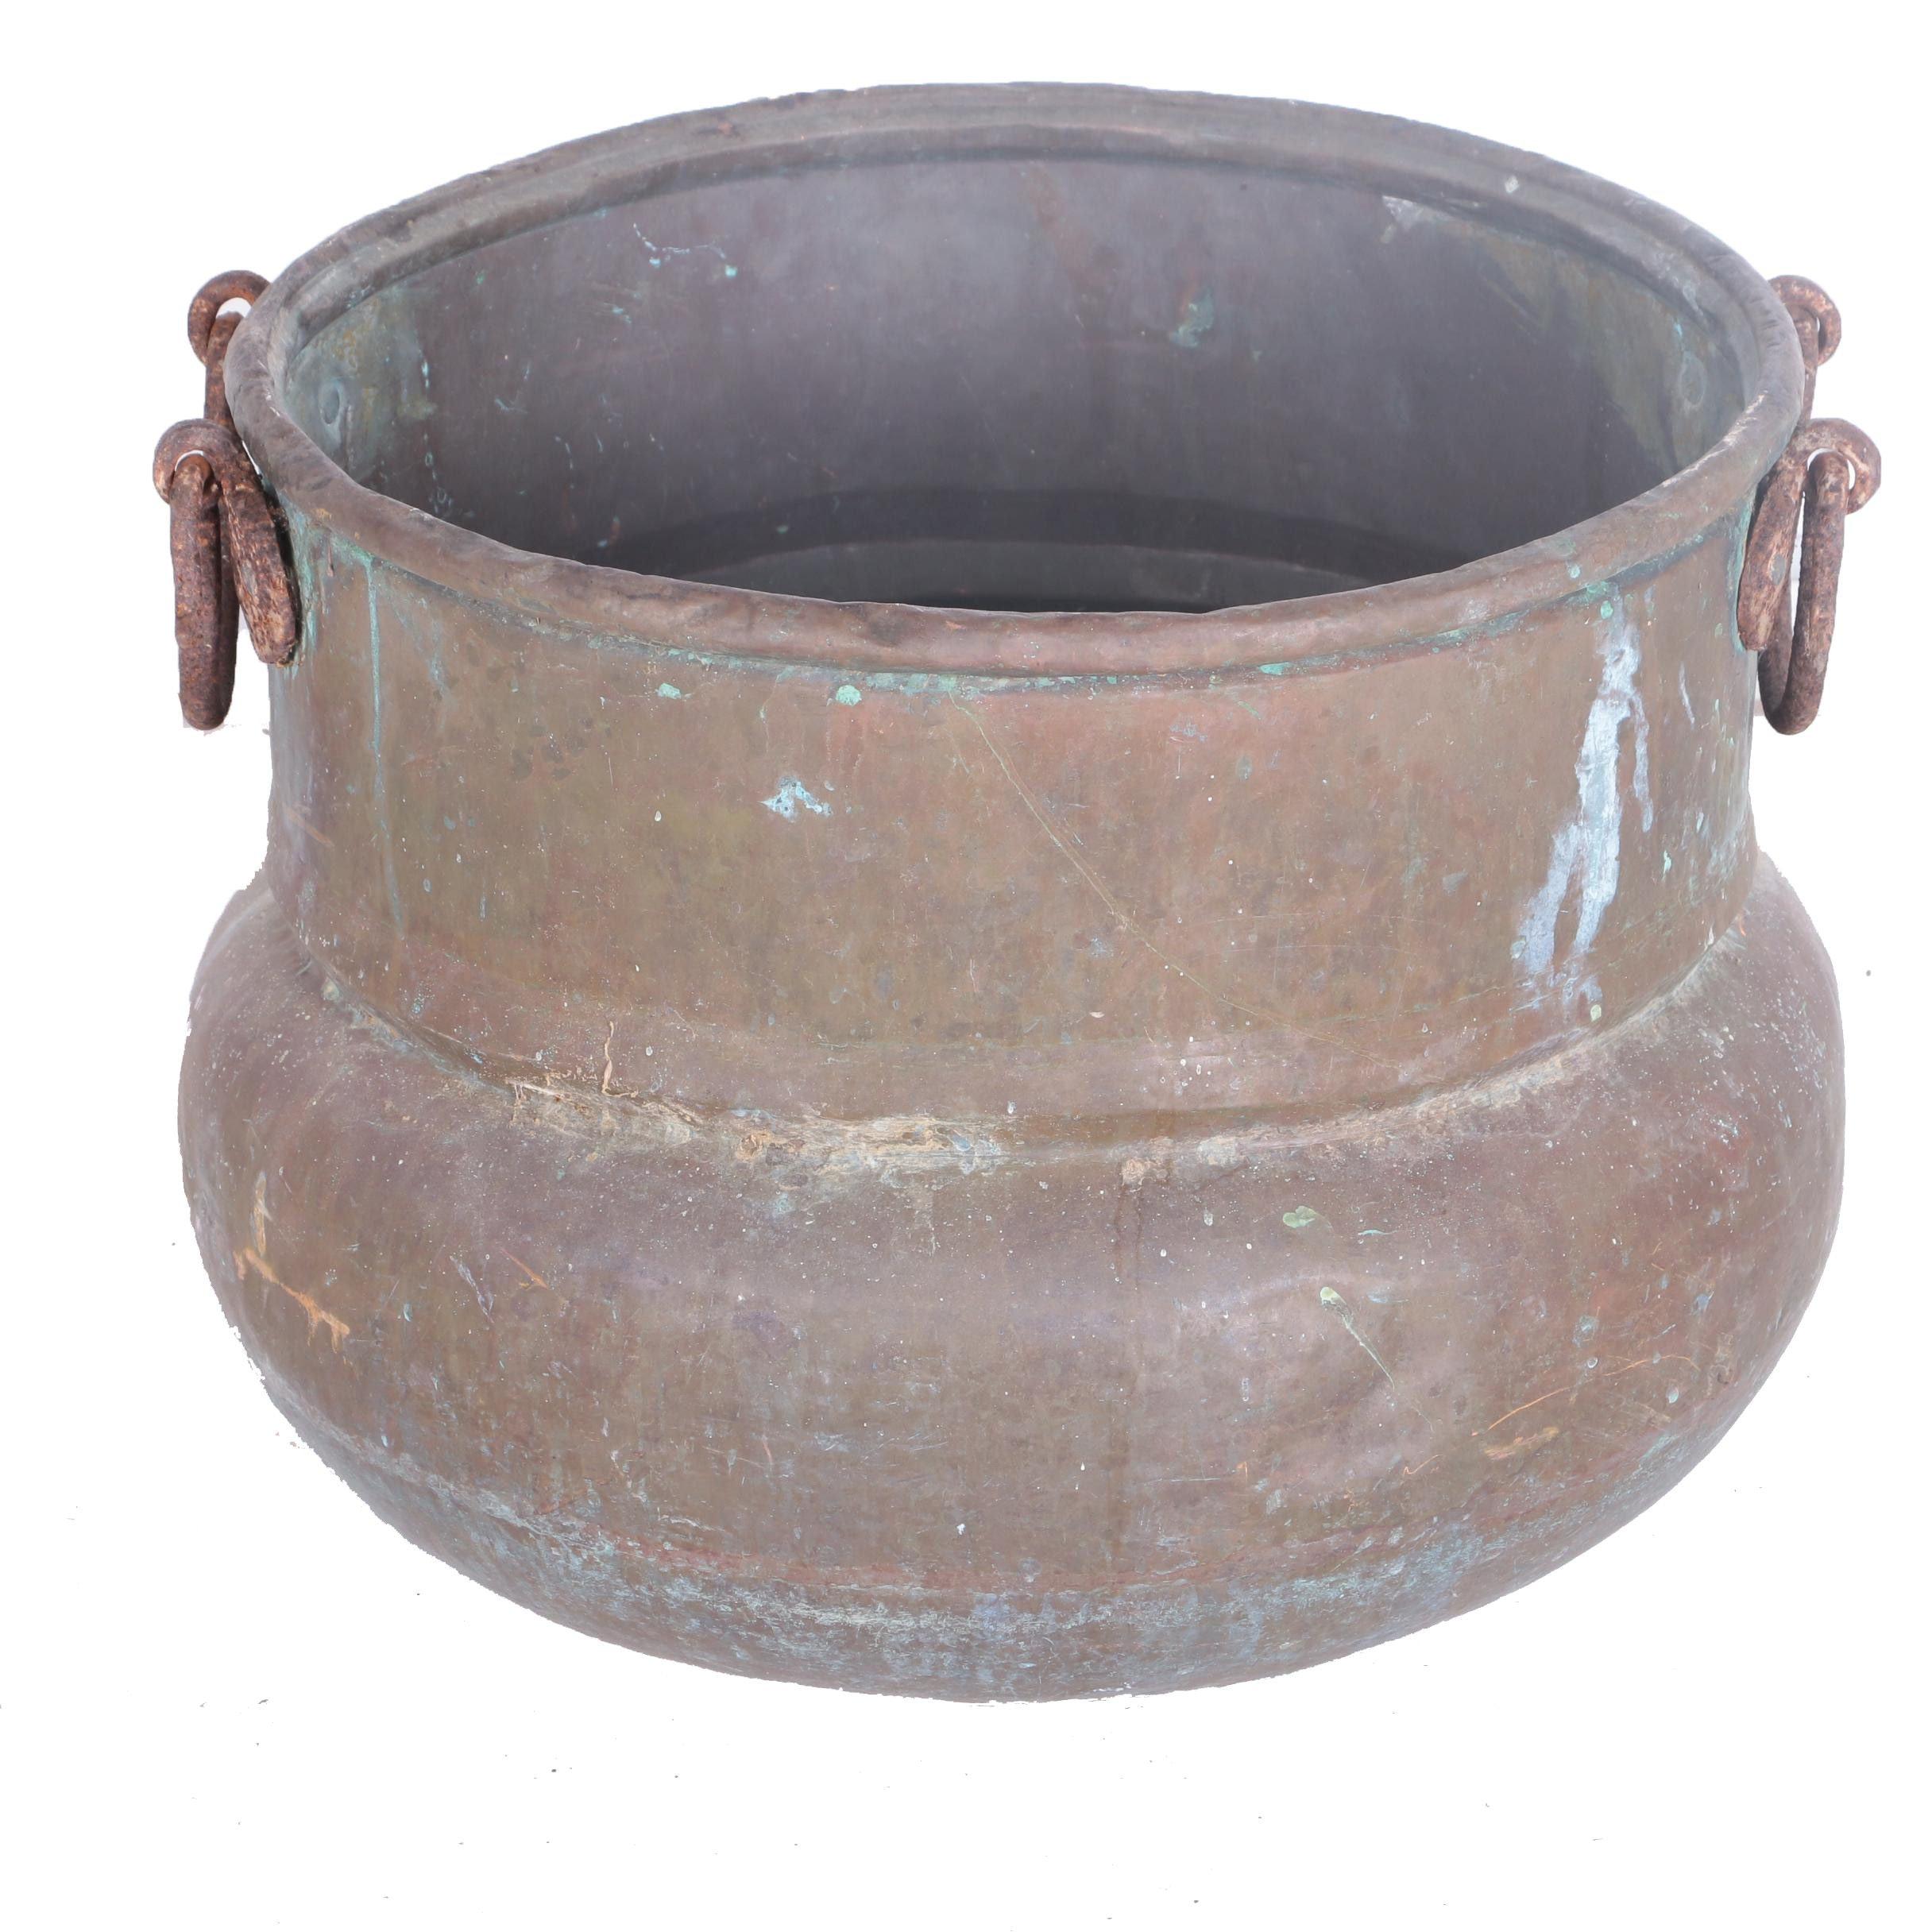 Decorative Copper Cauldron